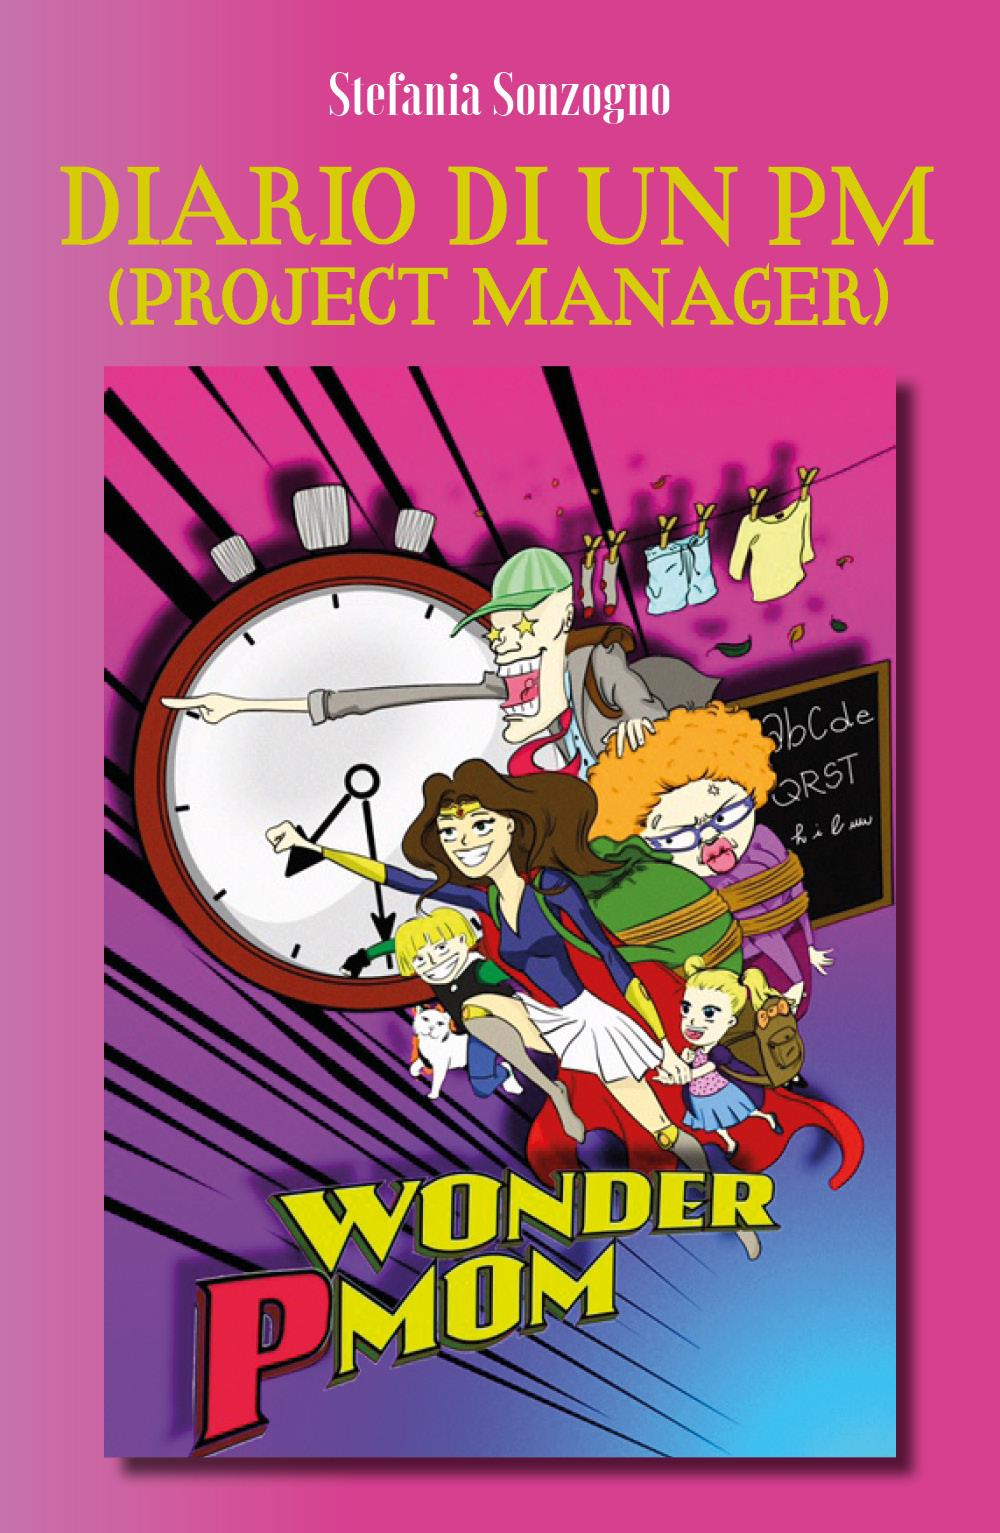 Diario segreto di un PM (Project Manager)